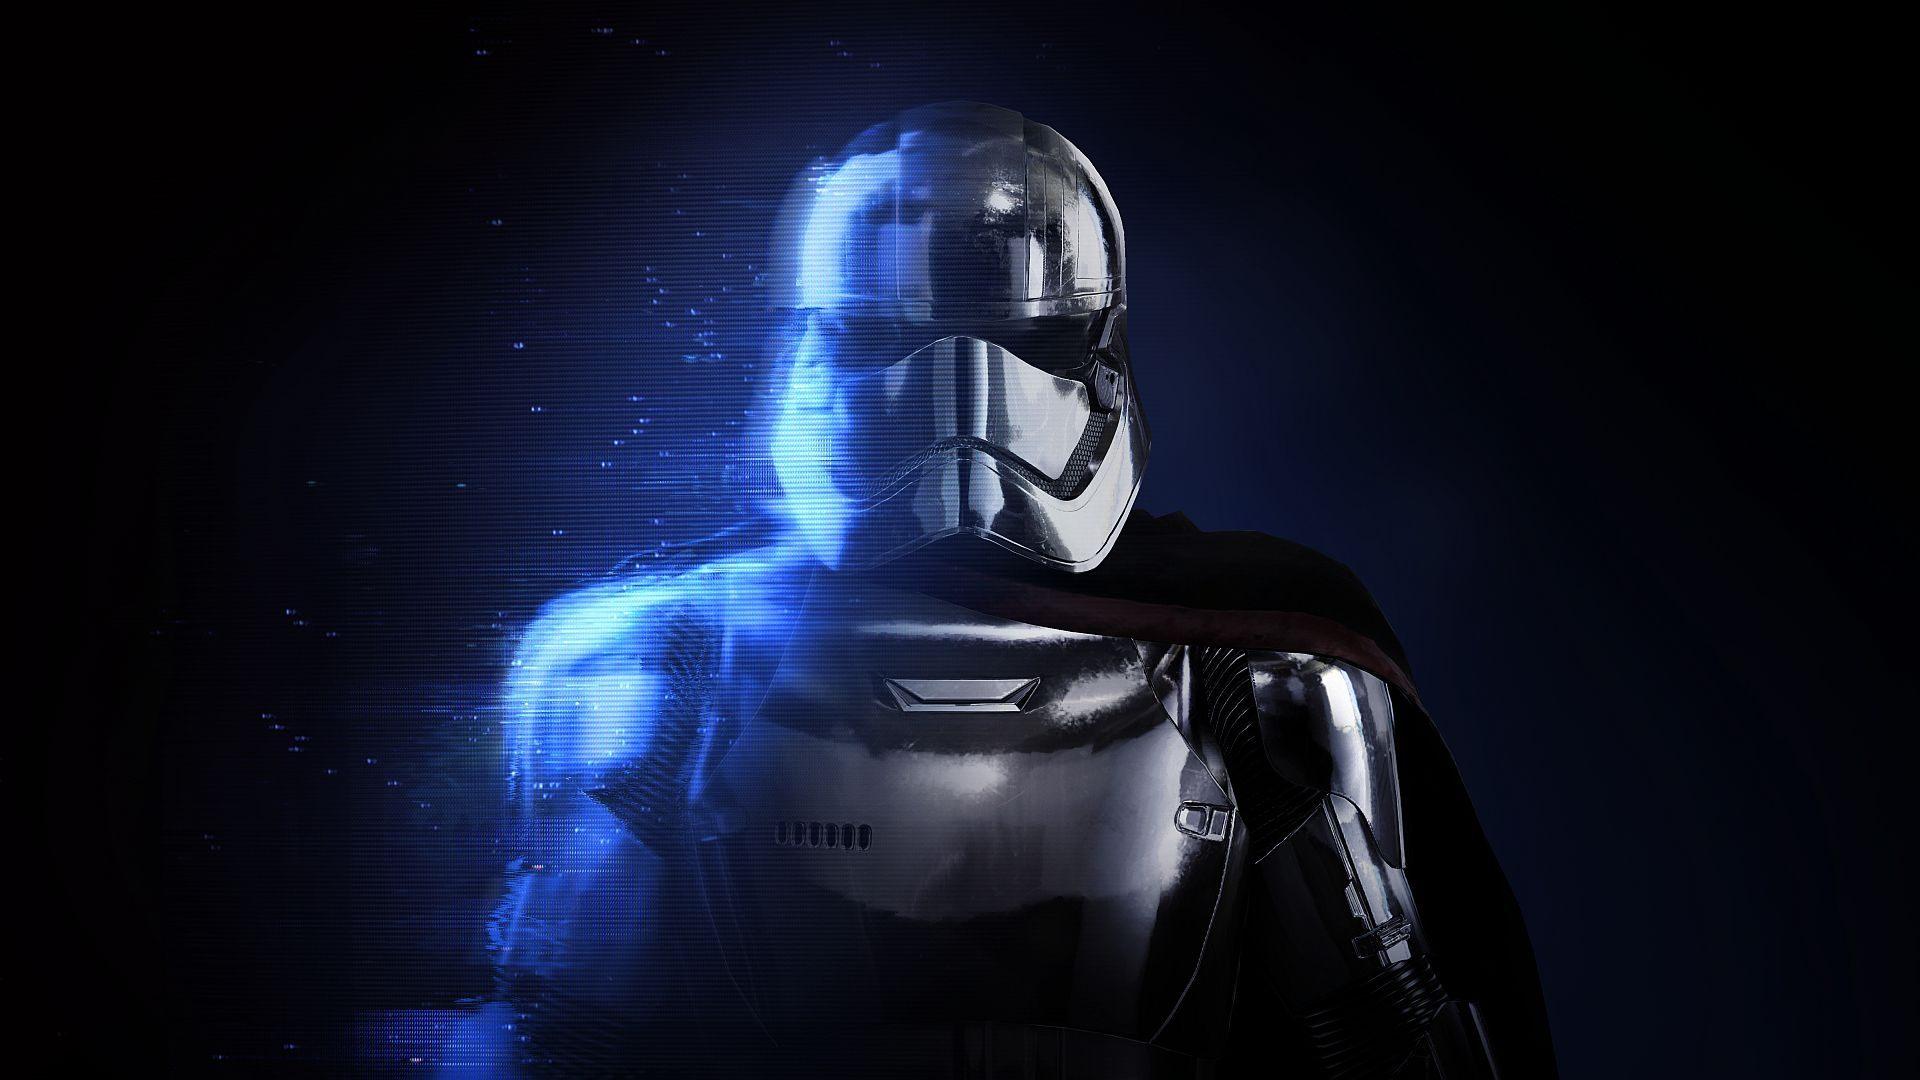 Капитан phasma Звездные войны Battlefront II в обои скачать